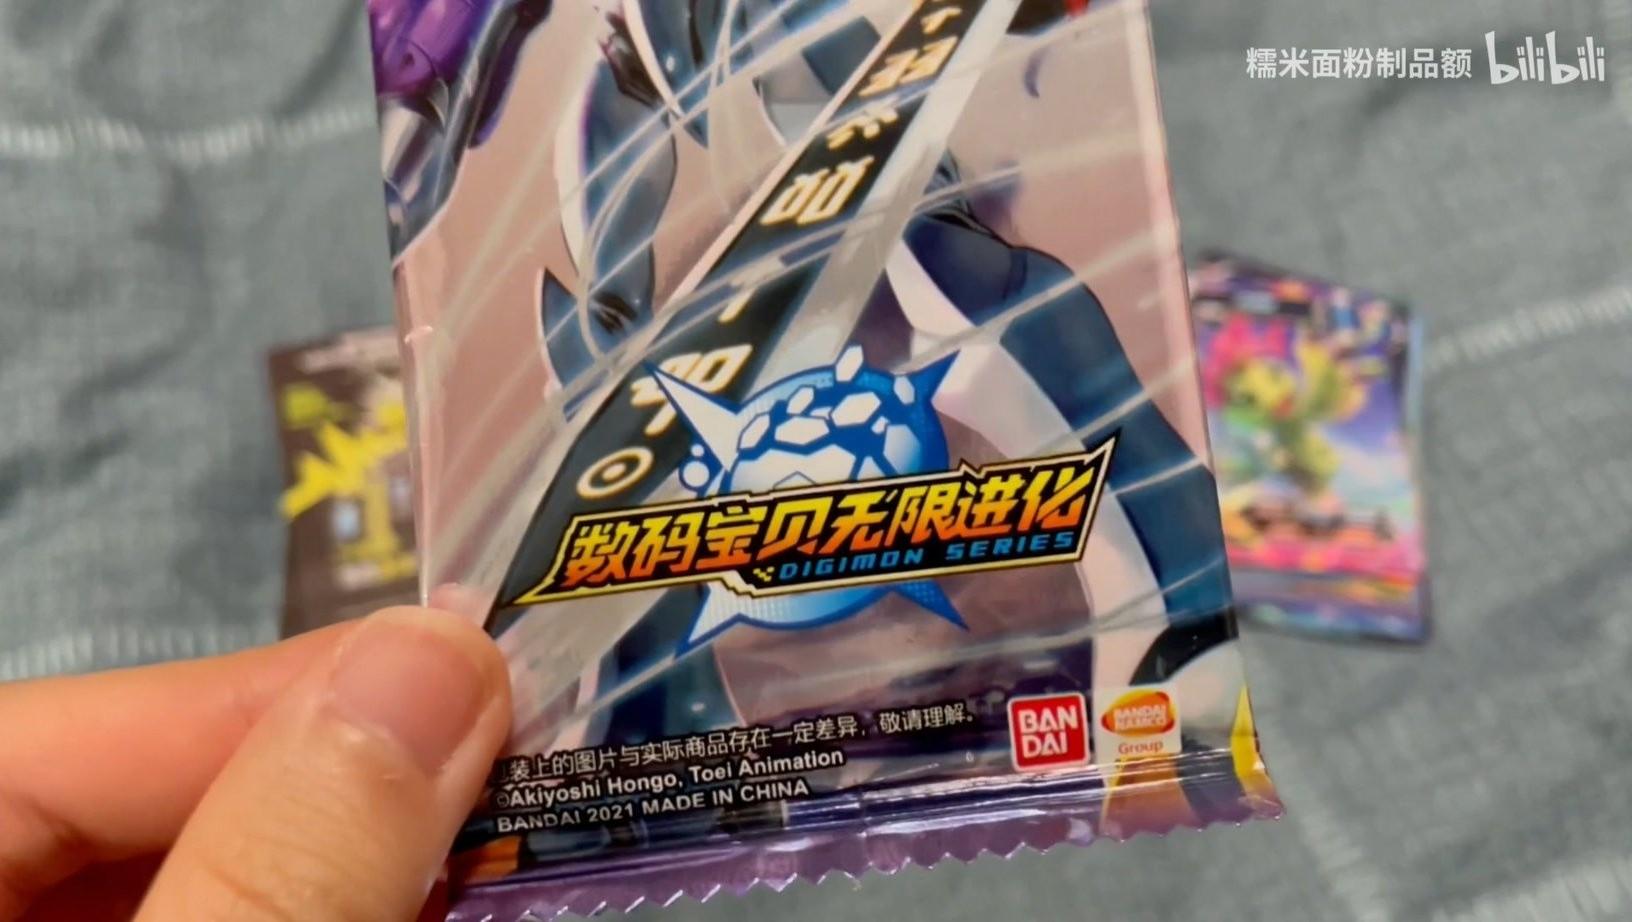 chinesecards02_september25_2021.jpg